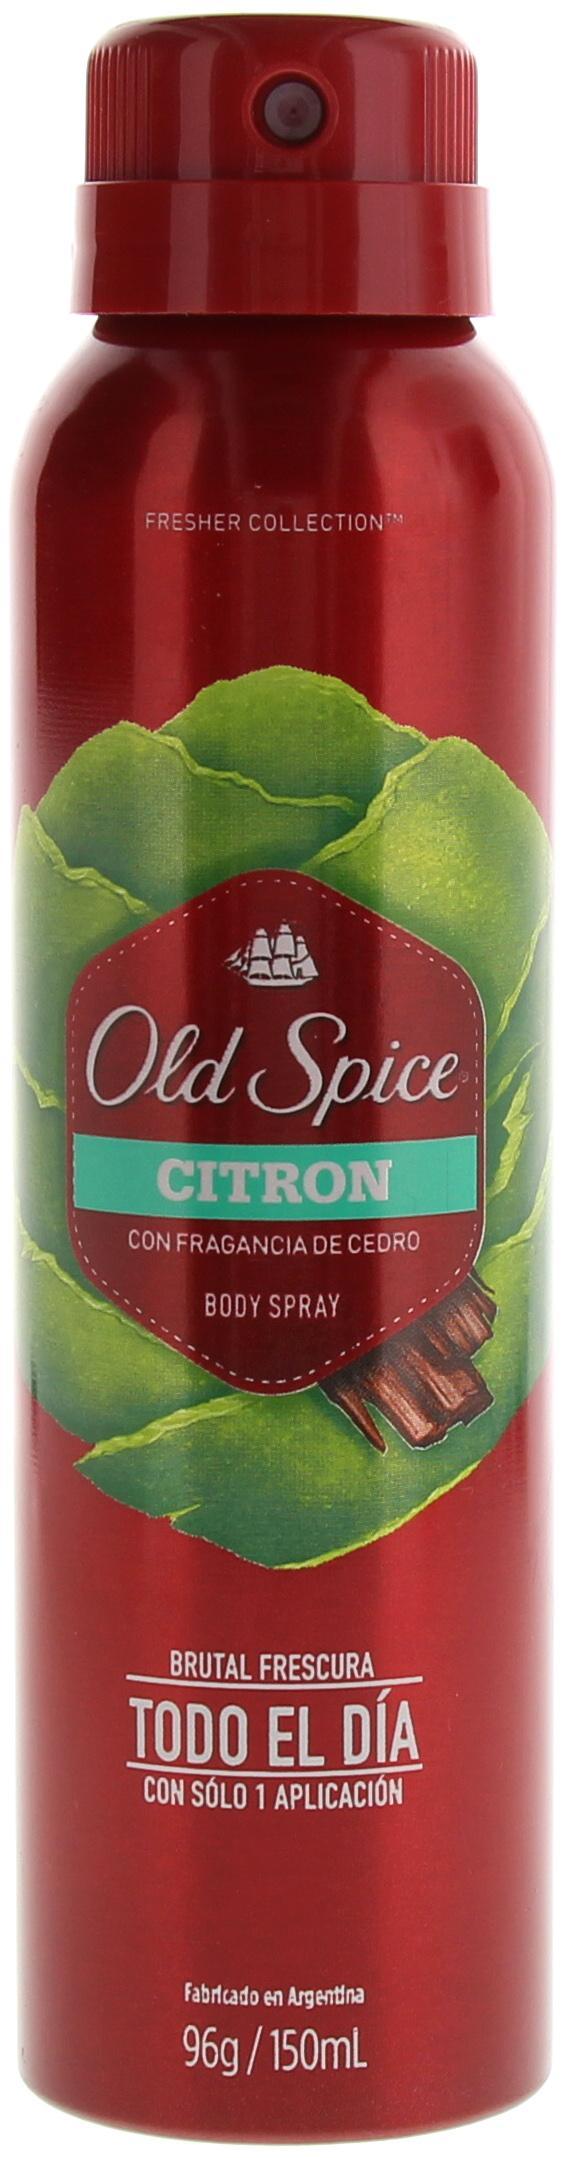 Comprar Old Spice Citron 1 Bote Spray 150 Ml